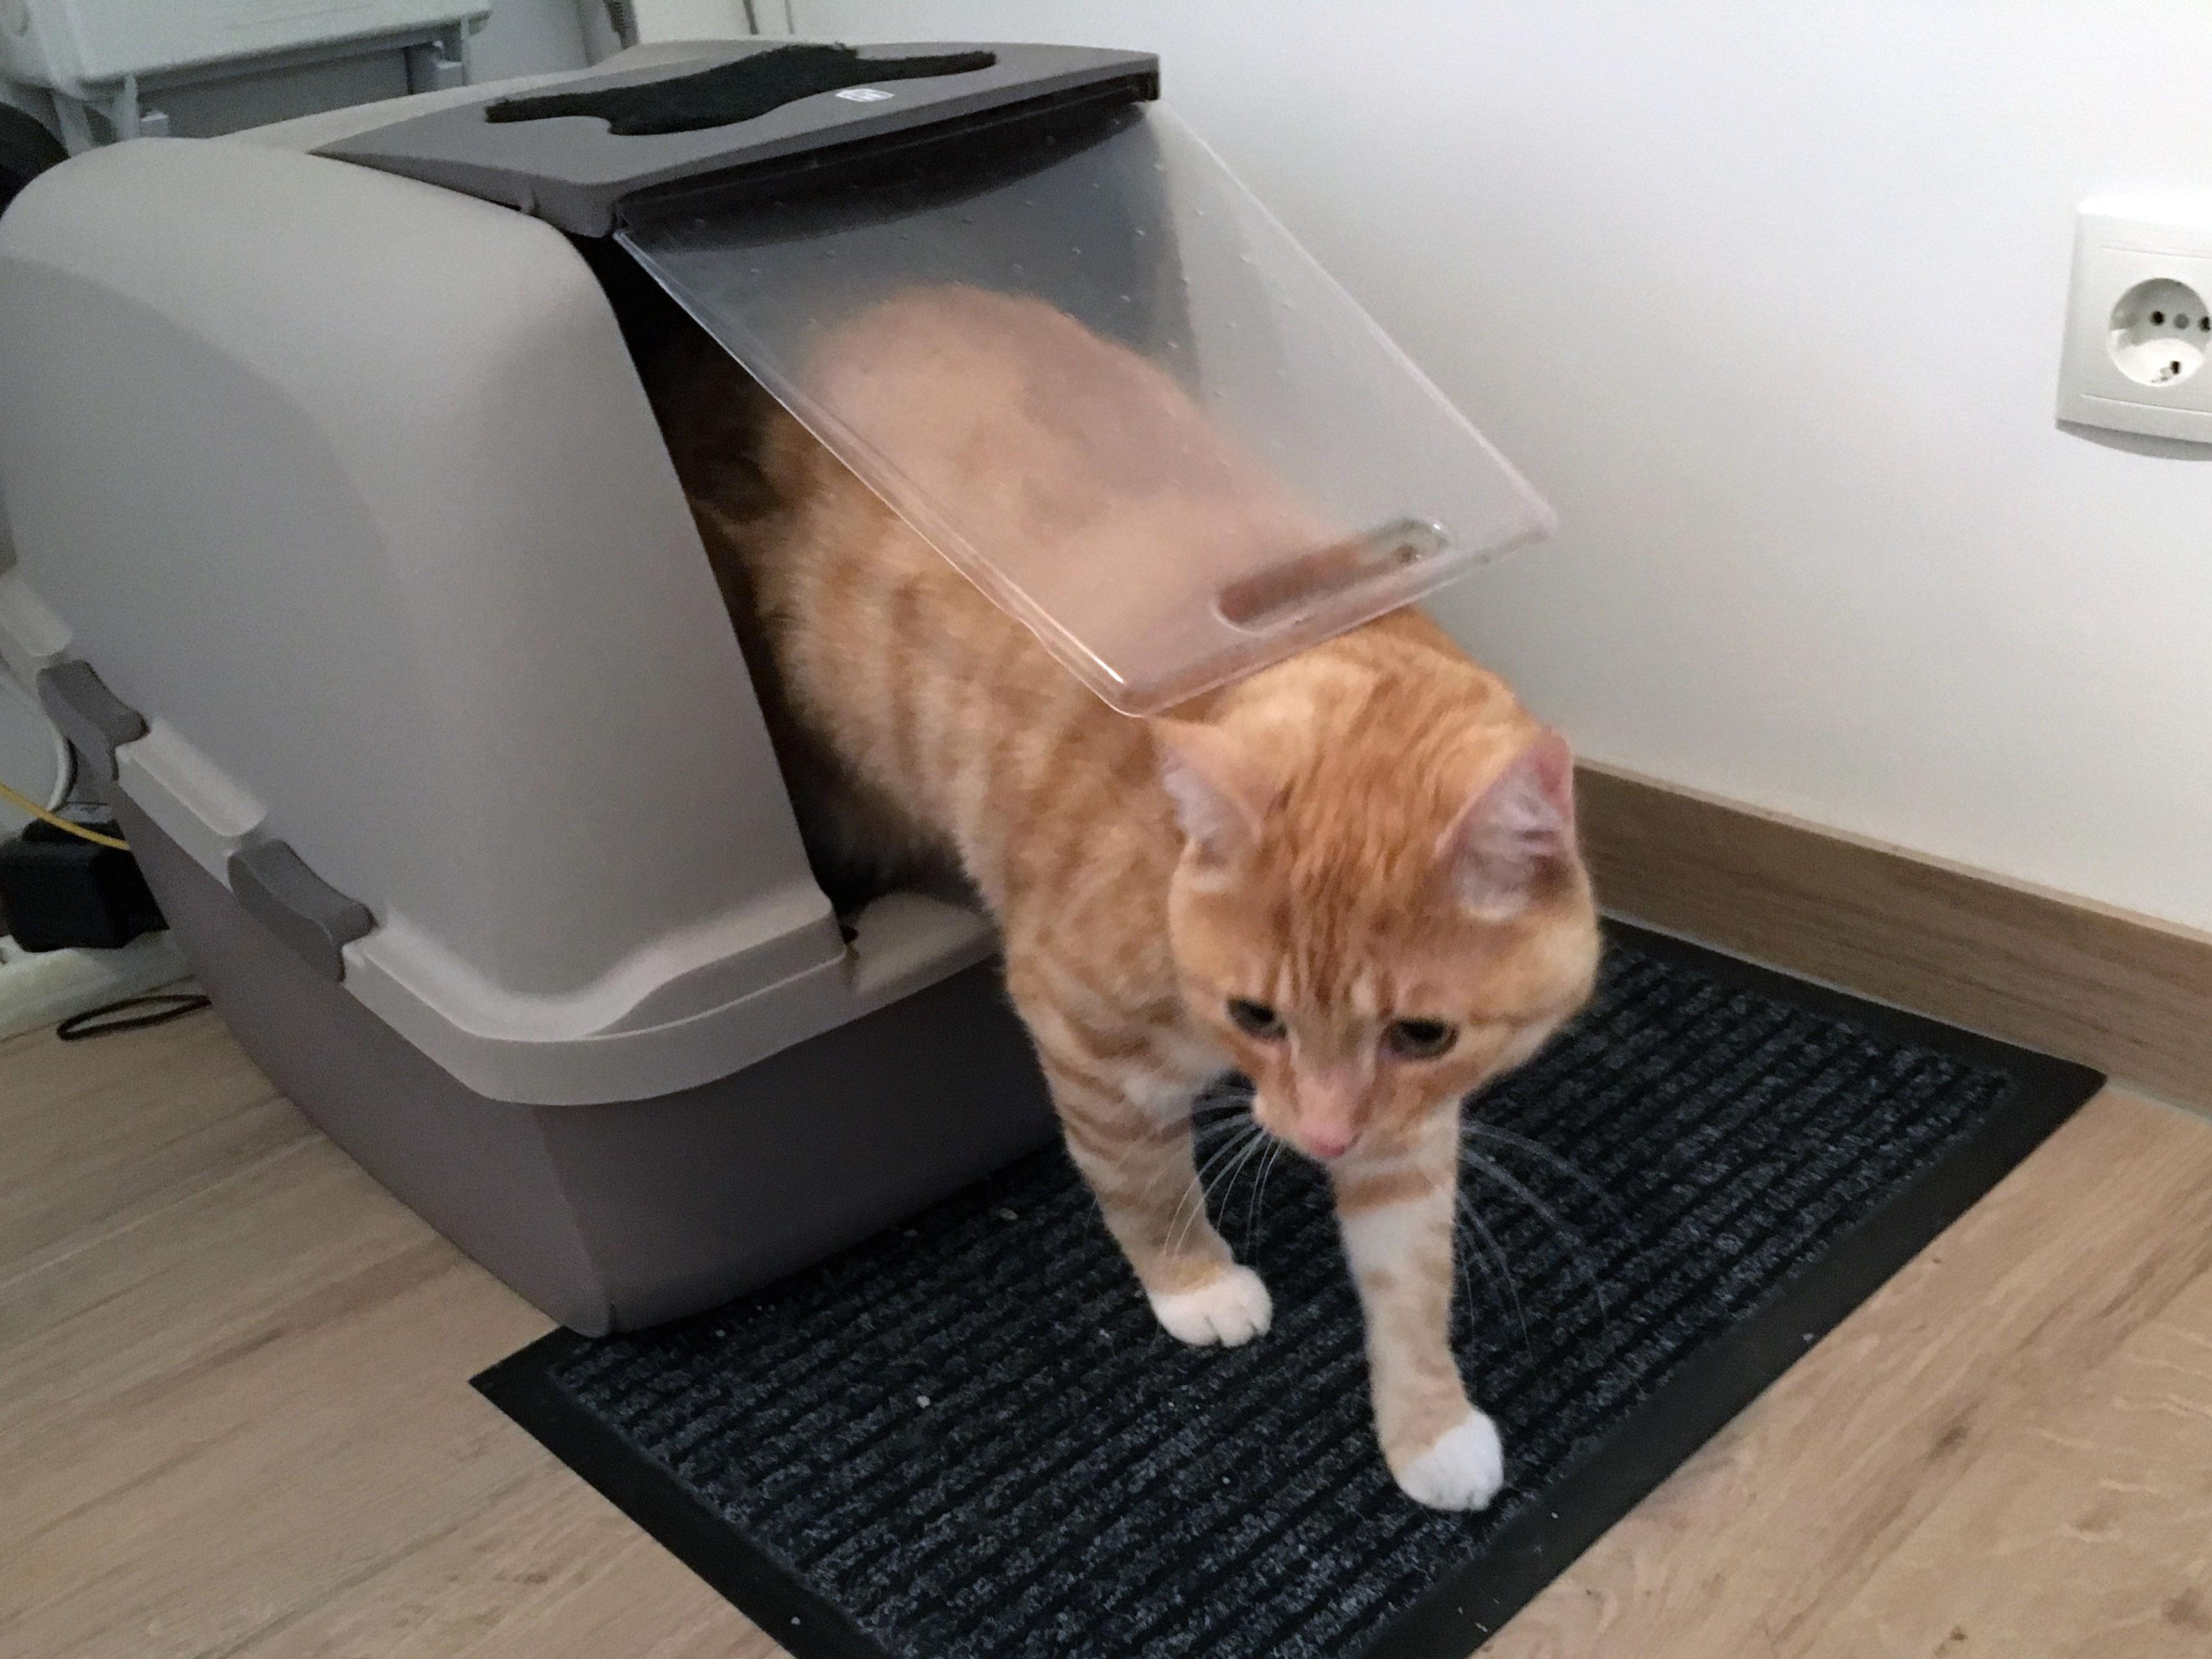 Katzenklo - 5 nützliche Tipps rund um die Katzentoilette